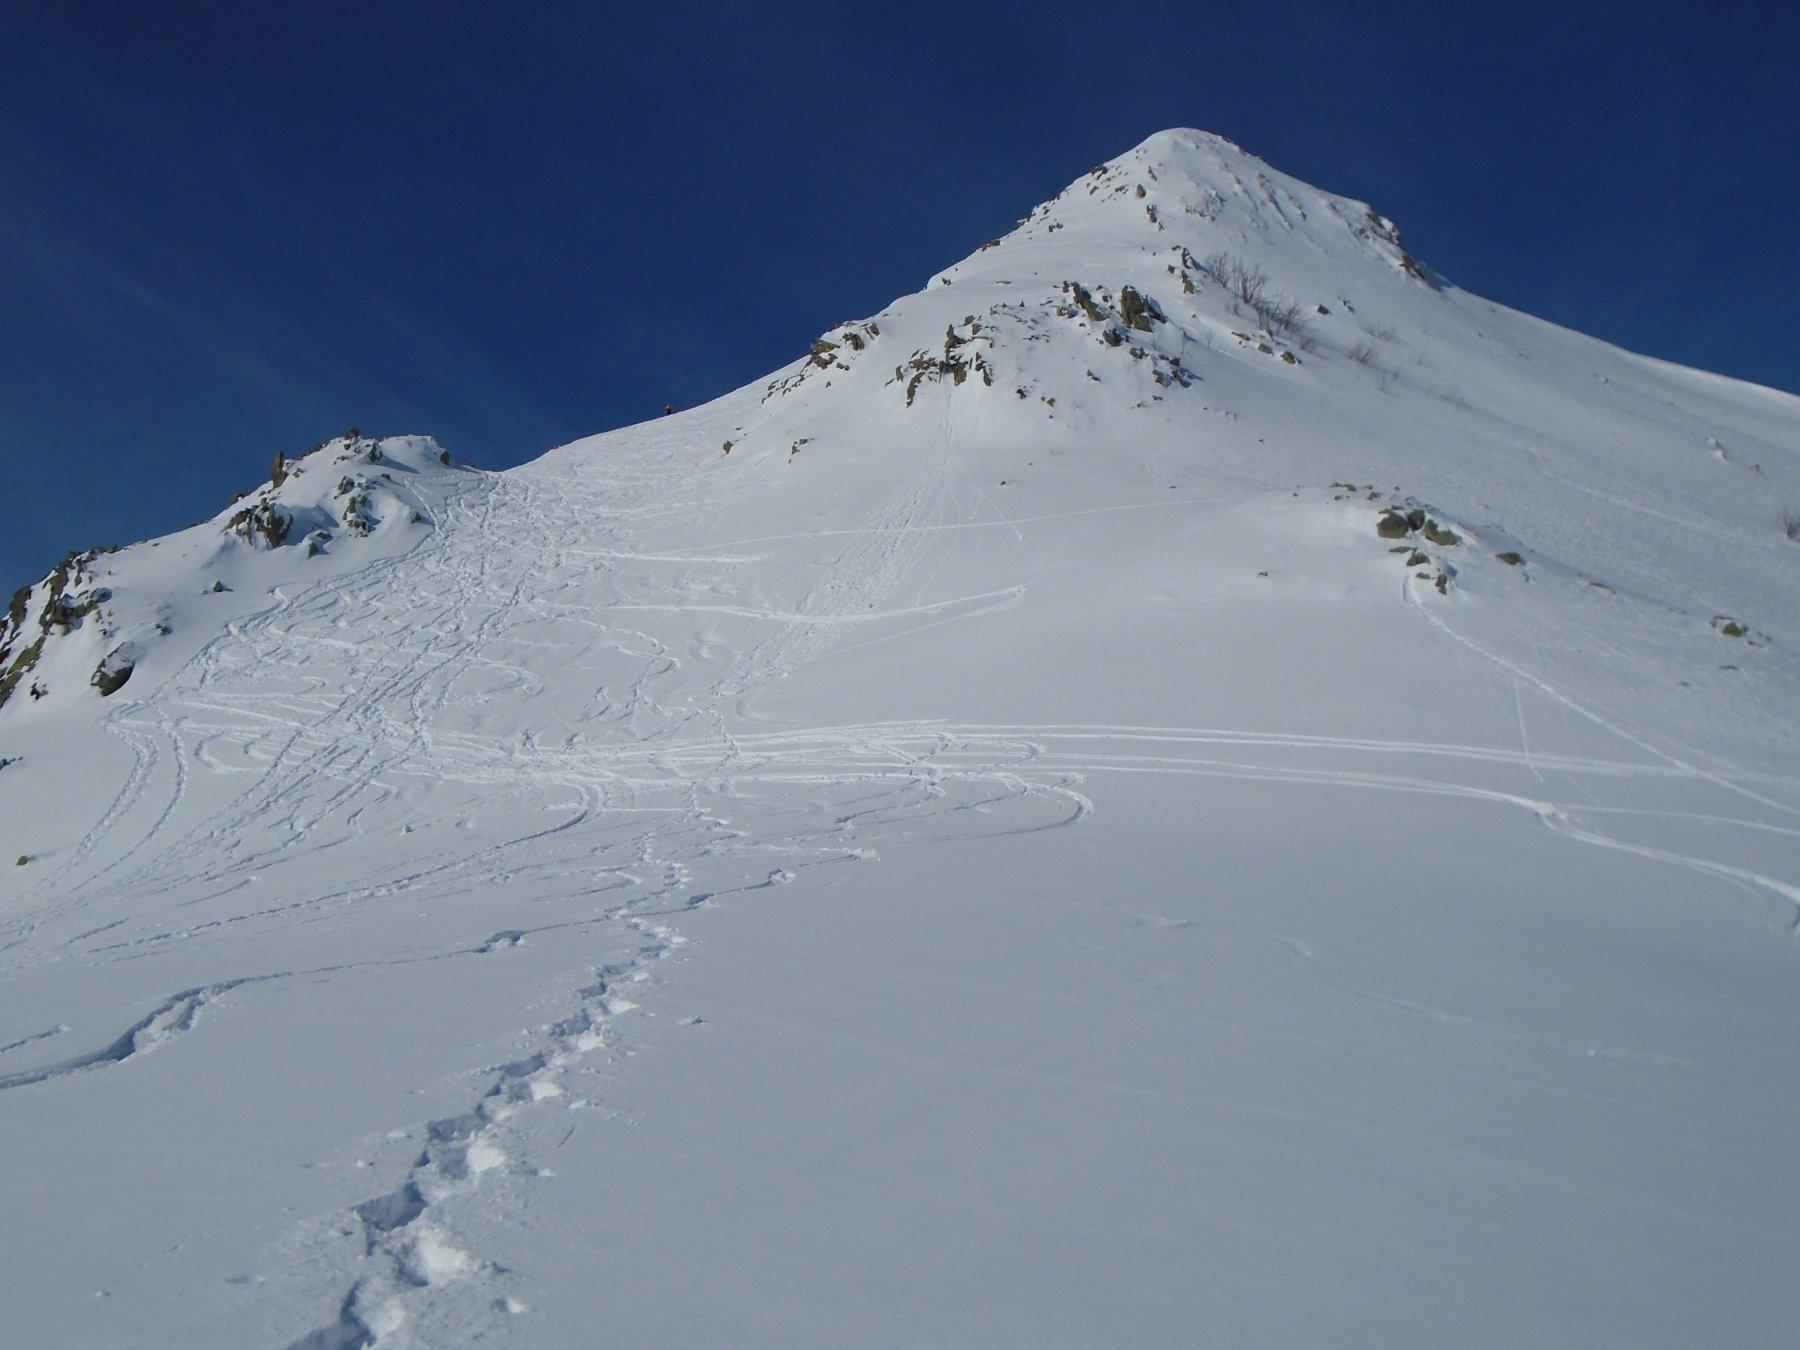 La classica normale scialpinistica